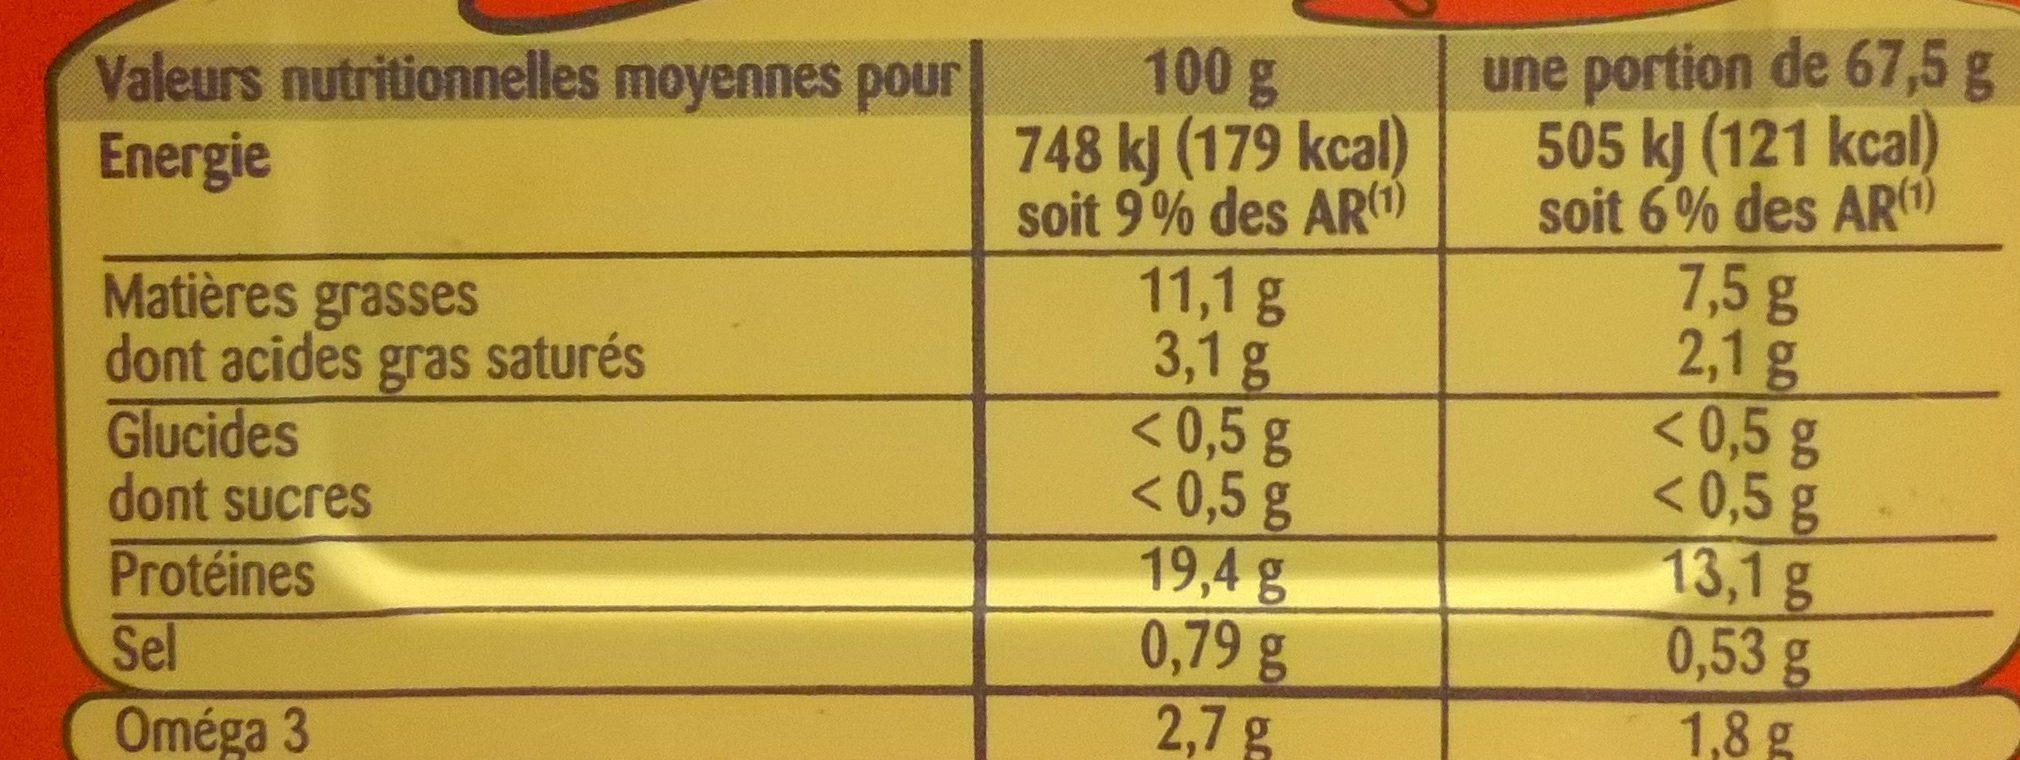 Sardines à la Tomate - Nutrition facts - fr